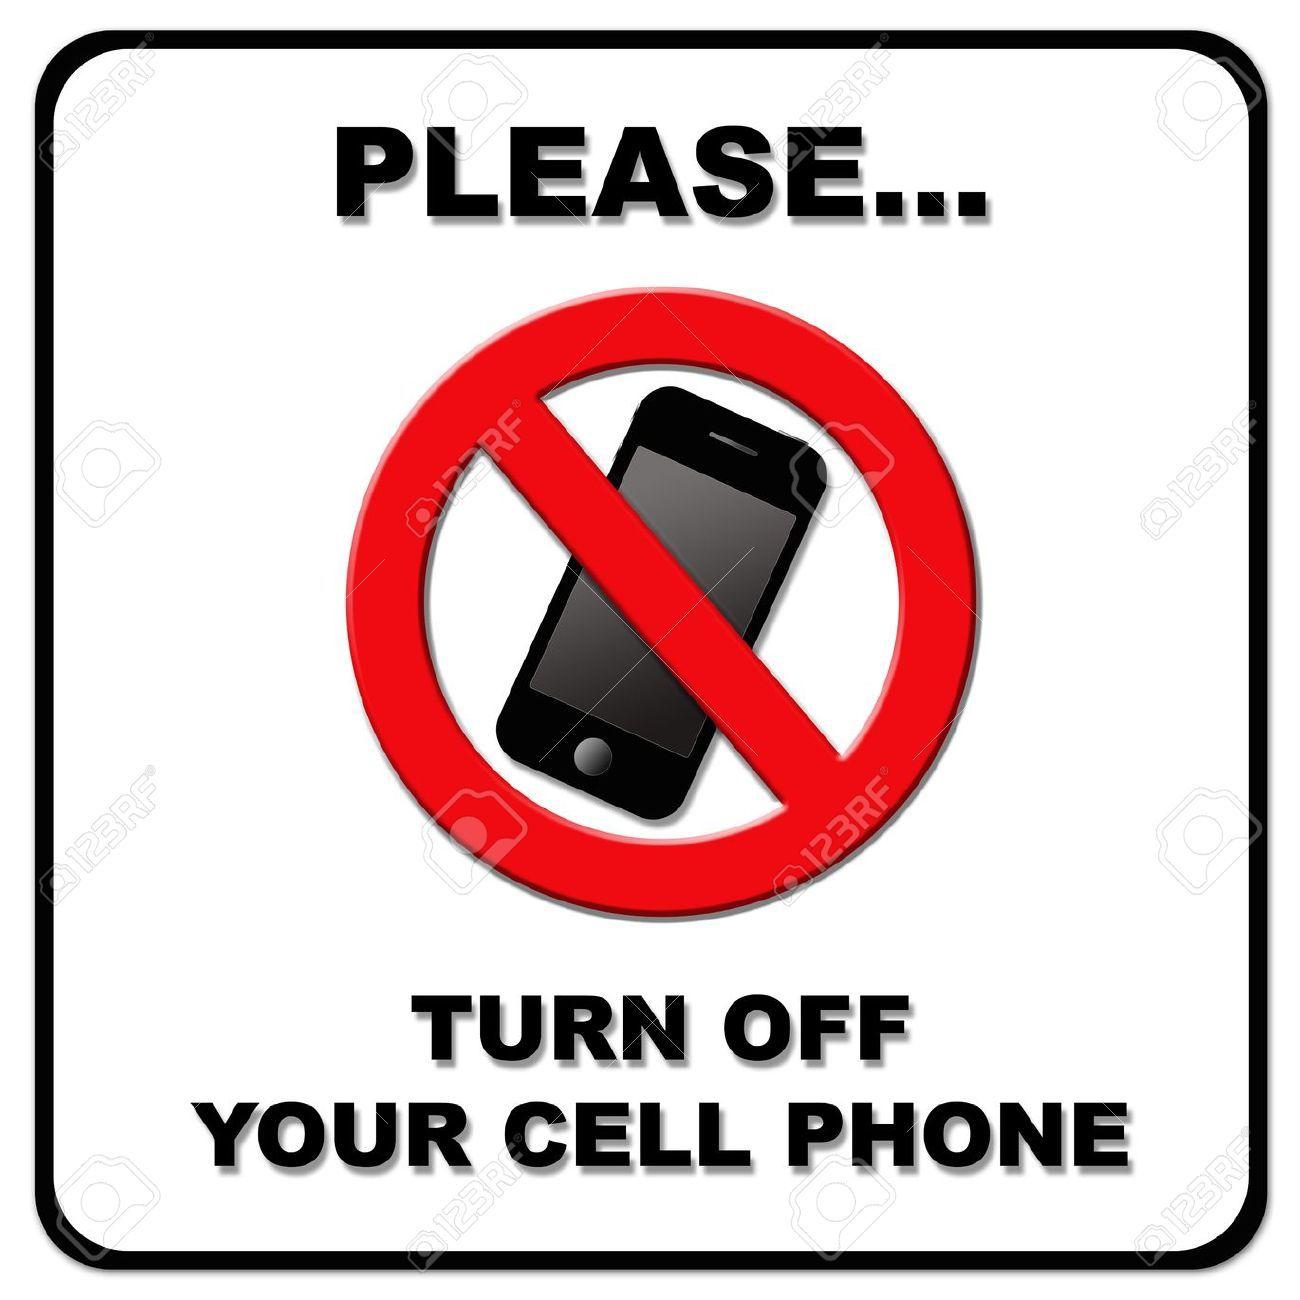 Resultado De Imagem Para Imagens De Turn Off Your Cell Phone Turn Ons Turn Off Cell Turn off cell phone sign